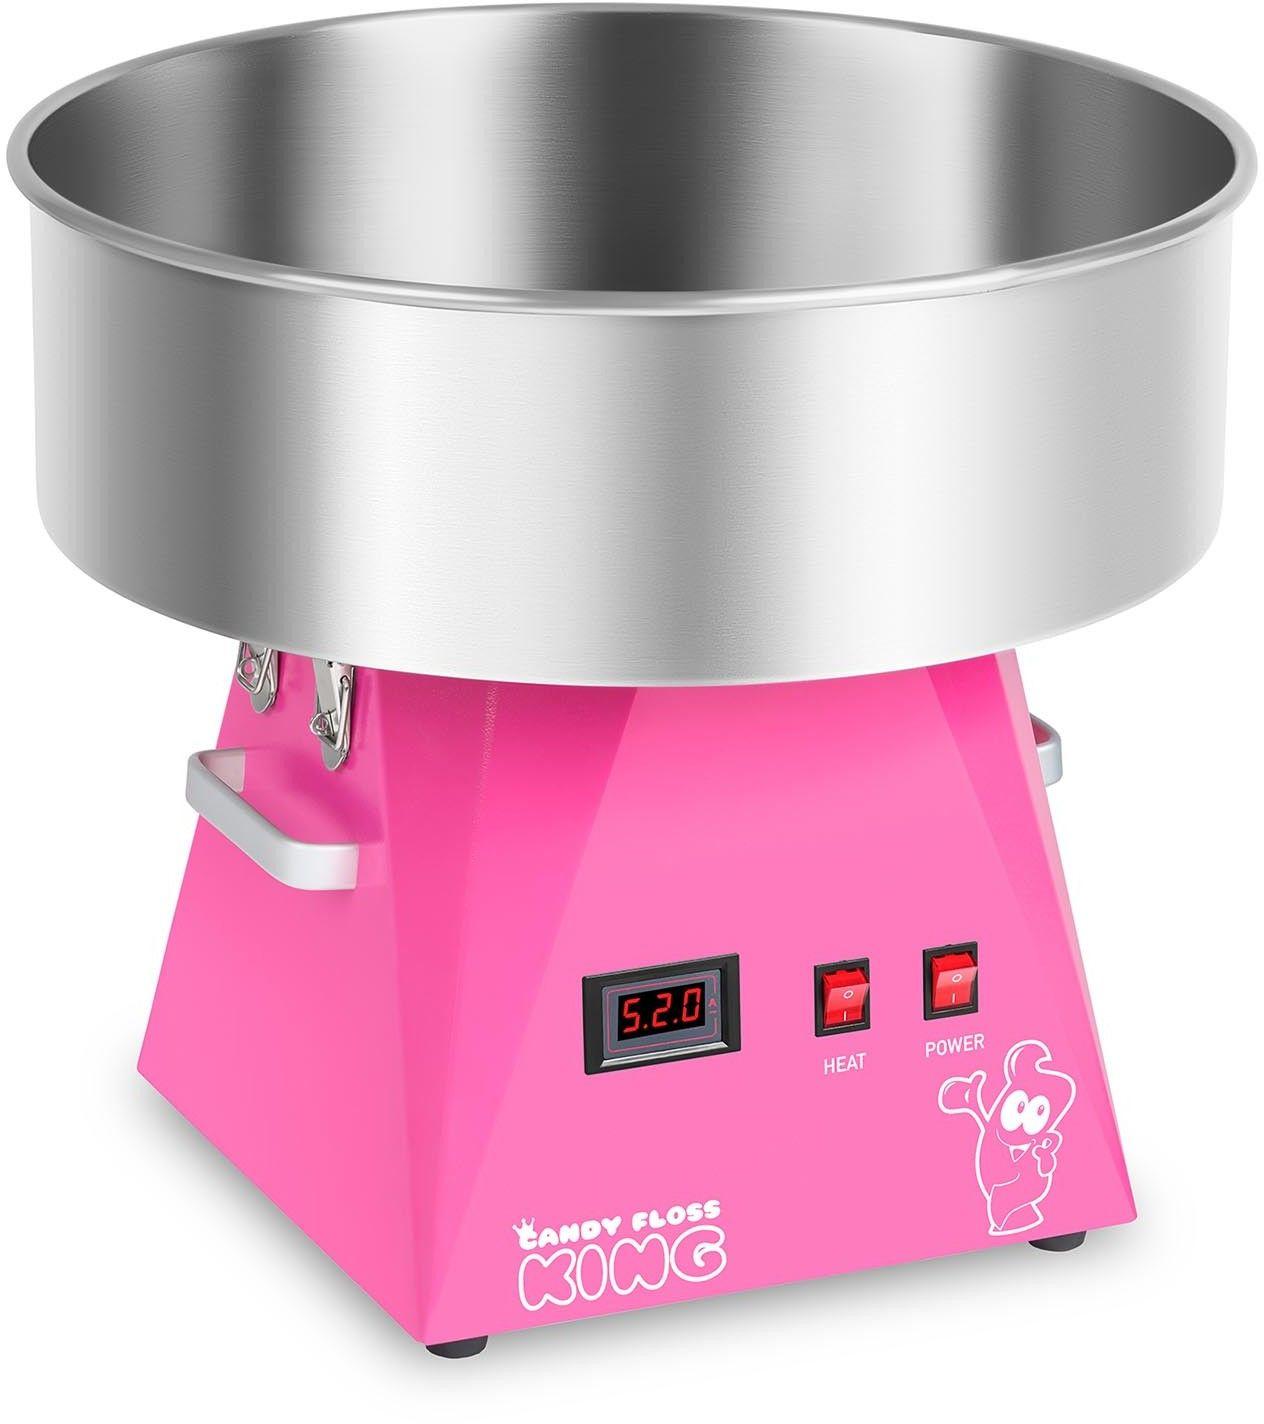 Zestaw Maszyna do waty cukrowej - LED - 52 cm + Pokrywa - akryl + Świecące pałeczki - LED - 50 szt. - Royal Catering - RCZK-1030-W-R SET2 - 3 lata